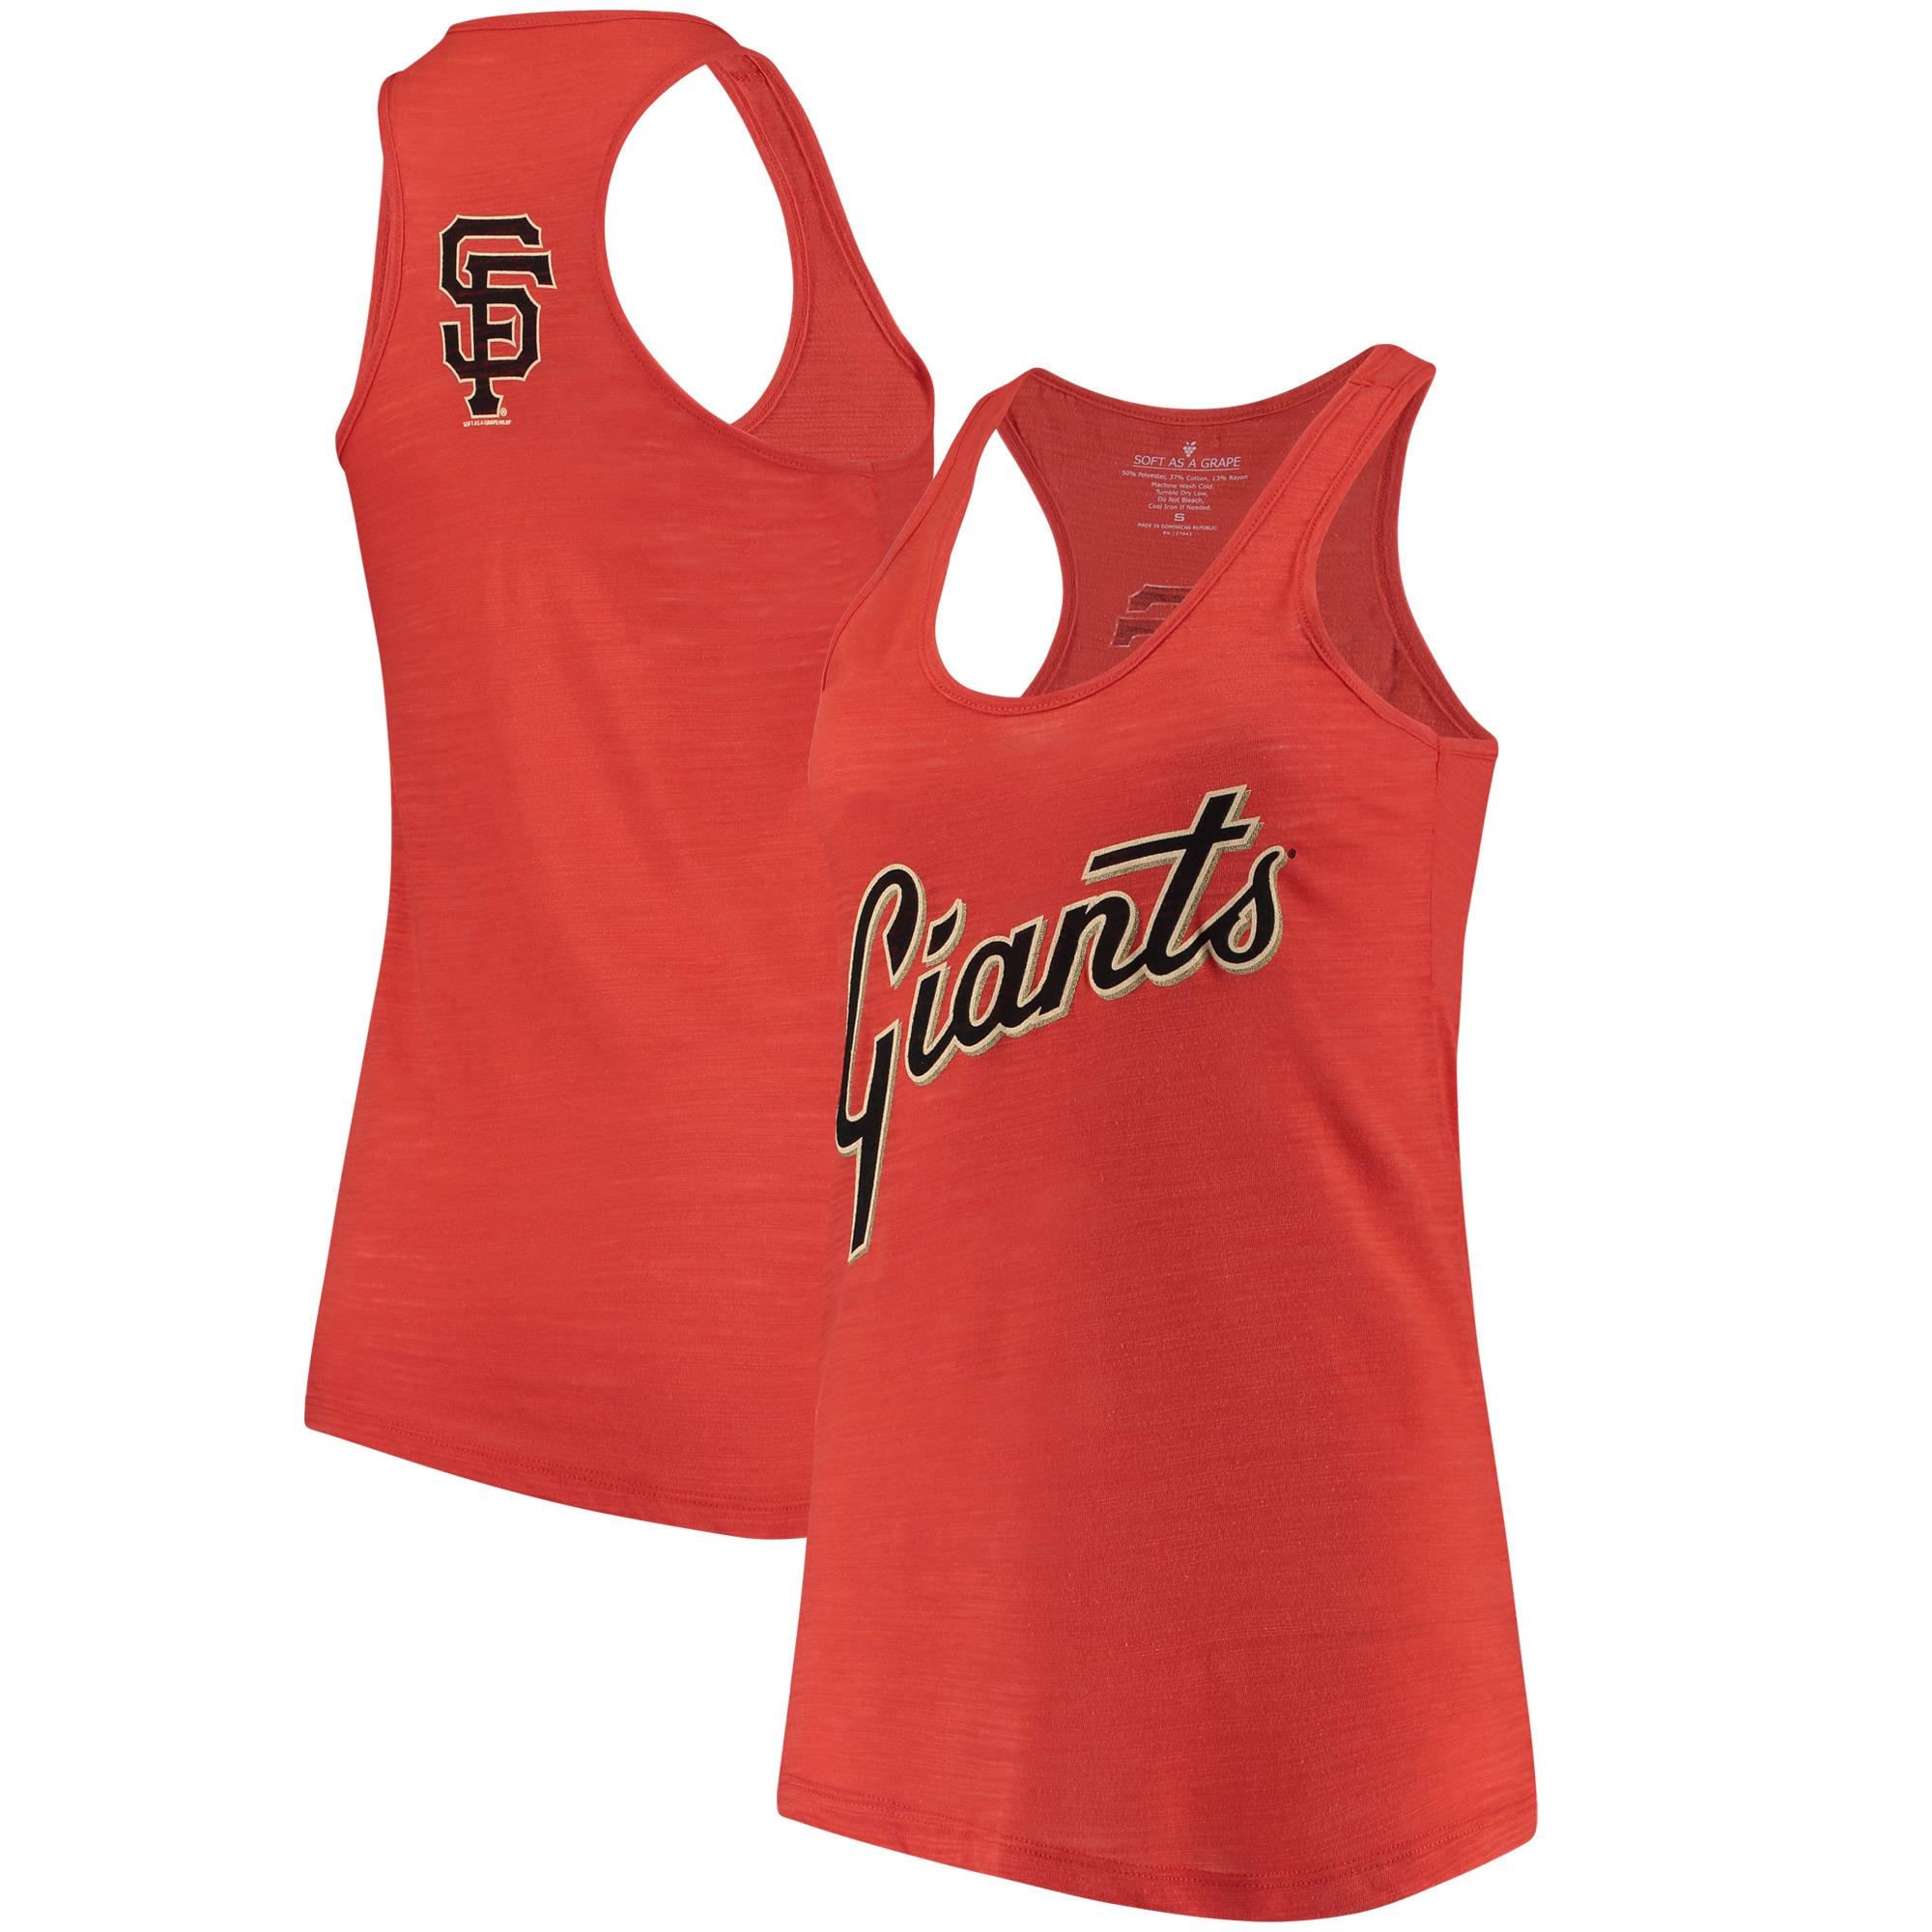 San Francisco Giants Soft As A Grape Women's Front & Back Tri-Blend Racerback Tank Top - Orange